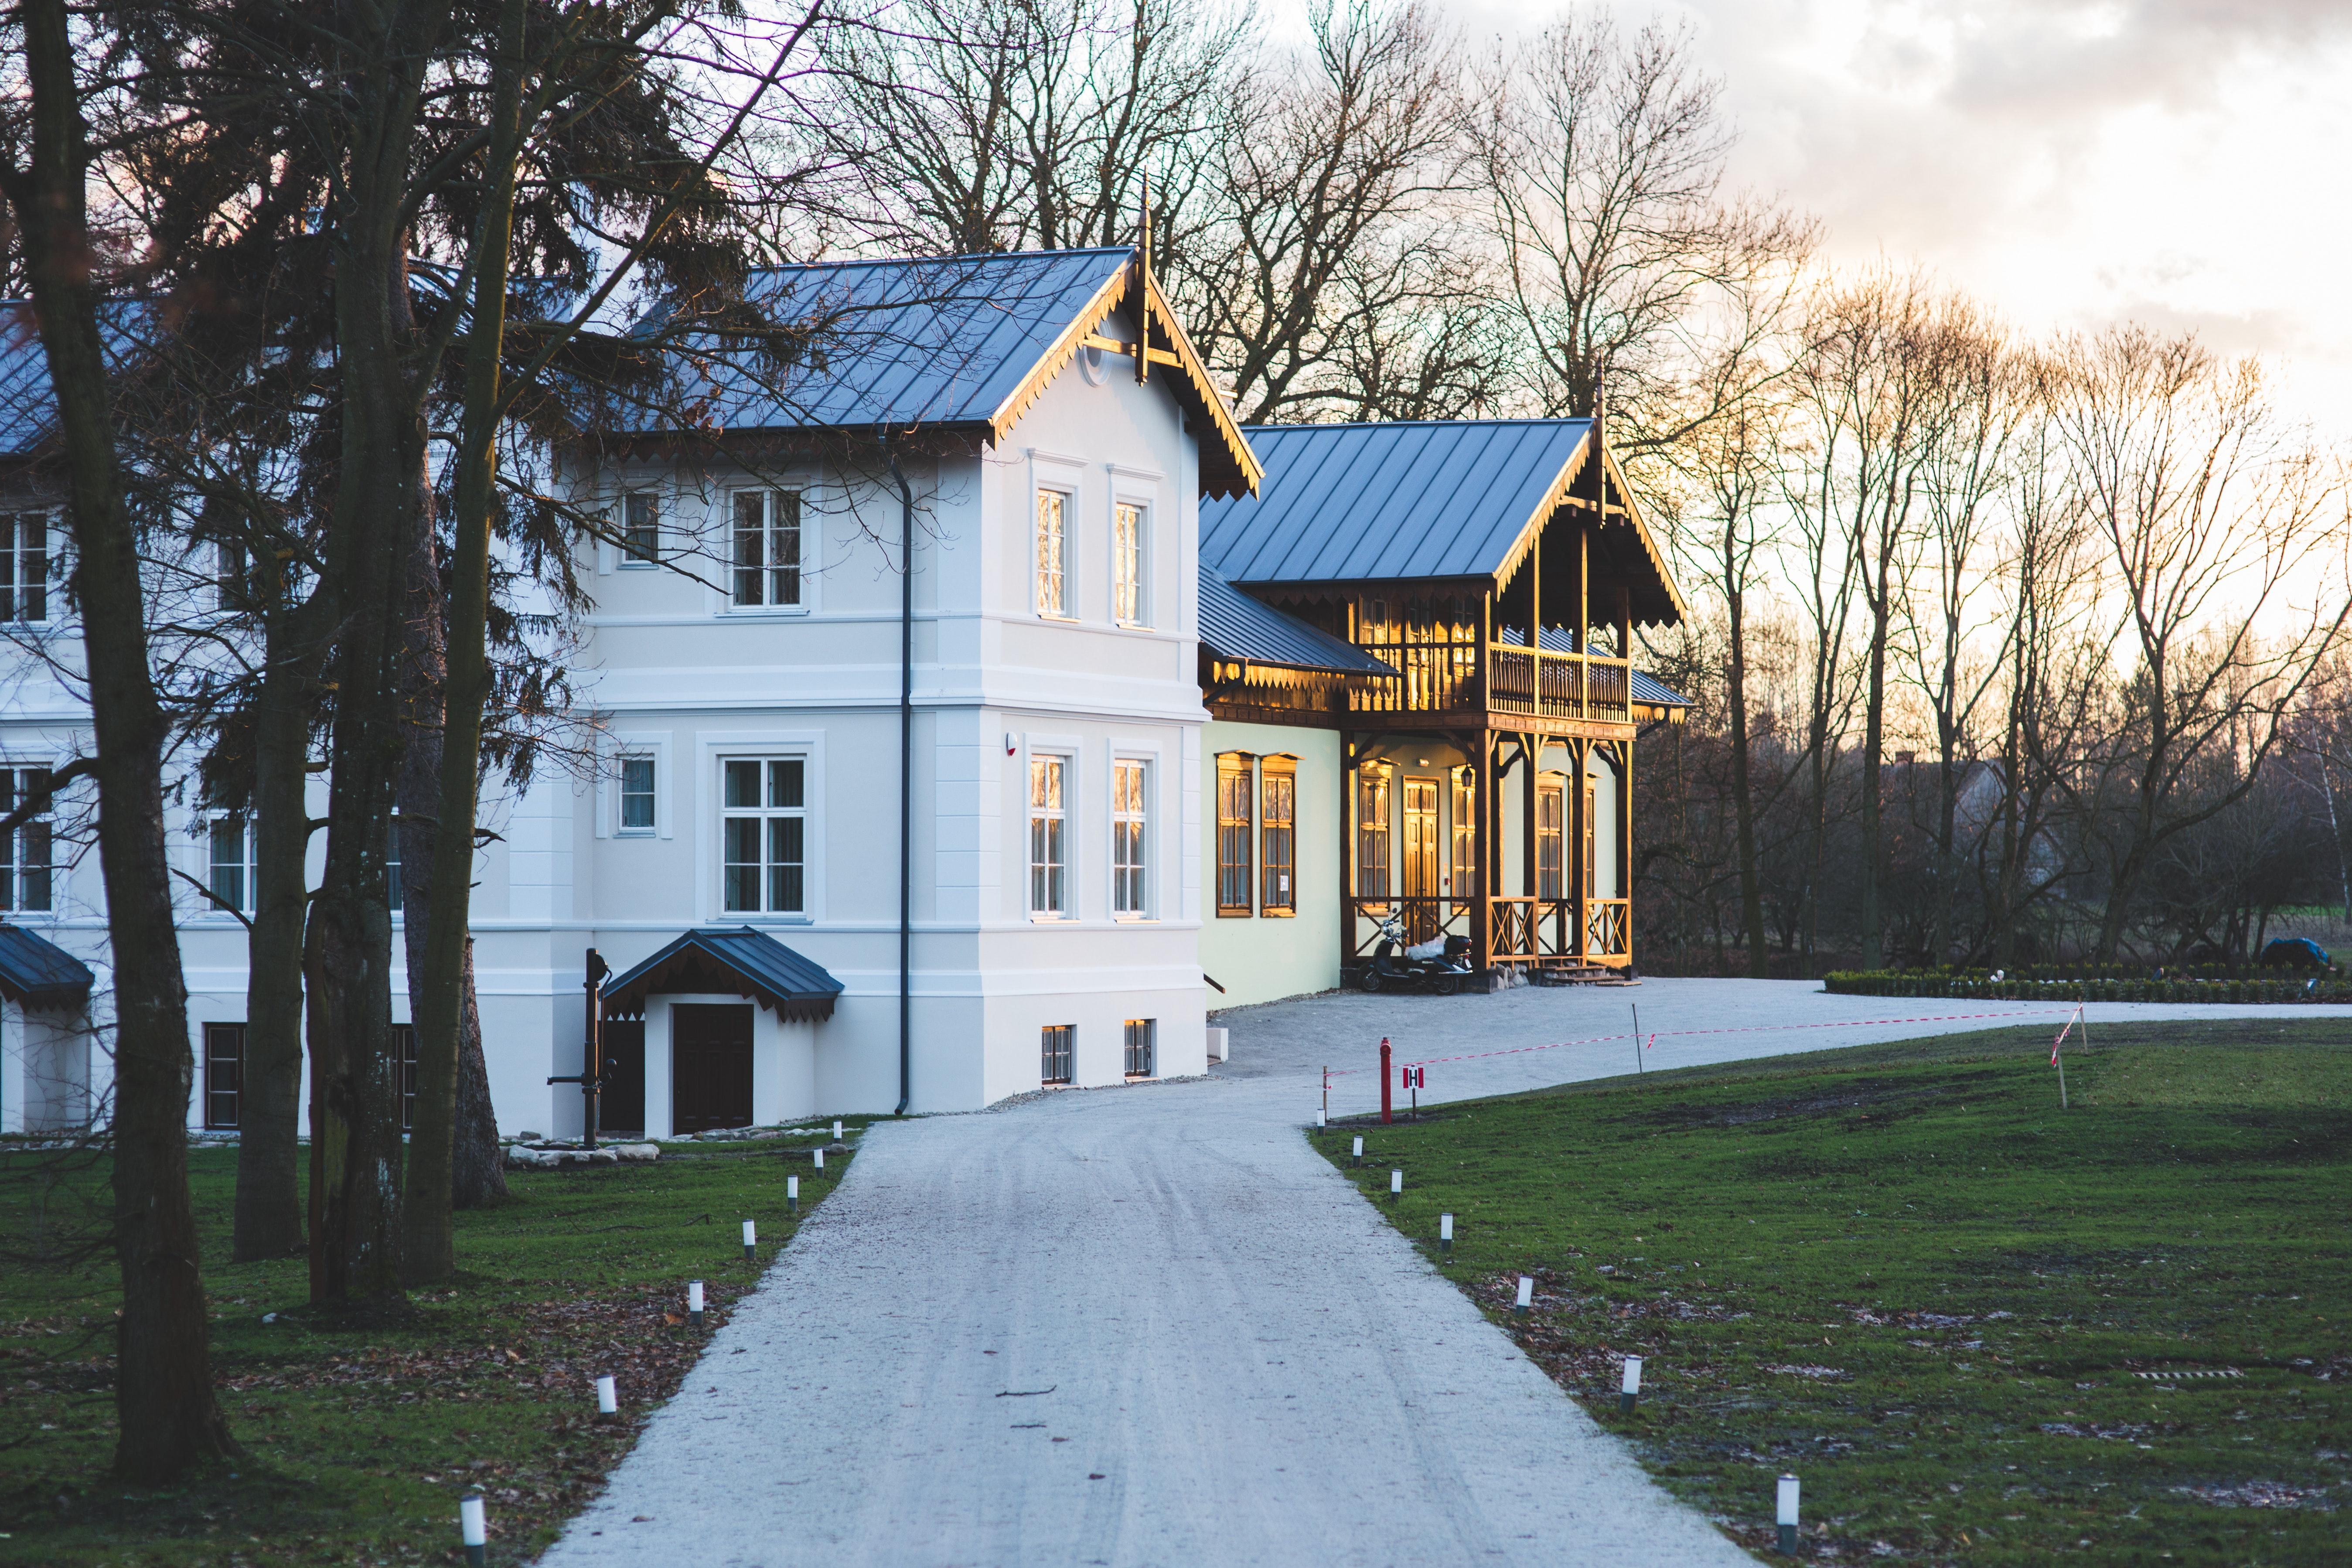 Old luxury villa exterior photo